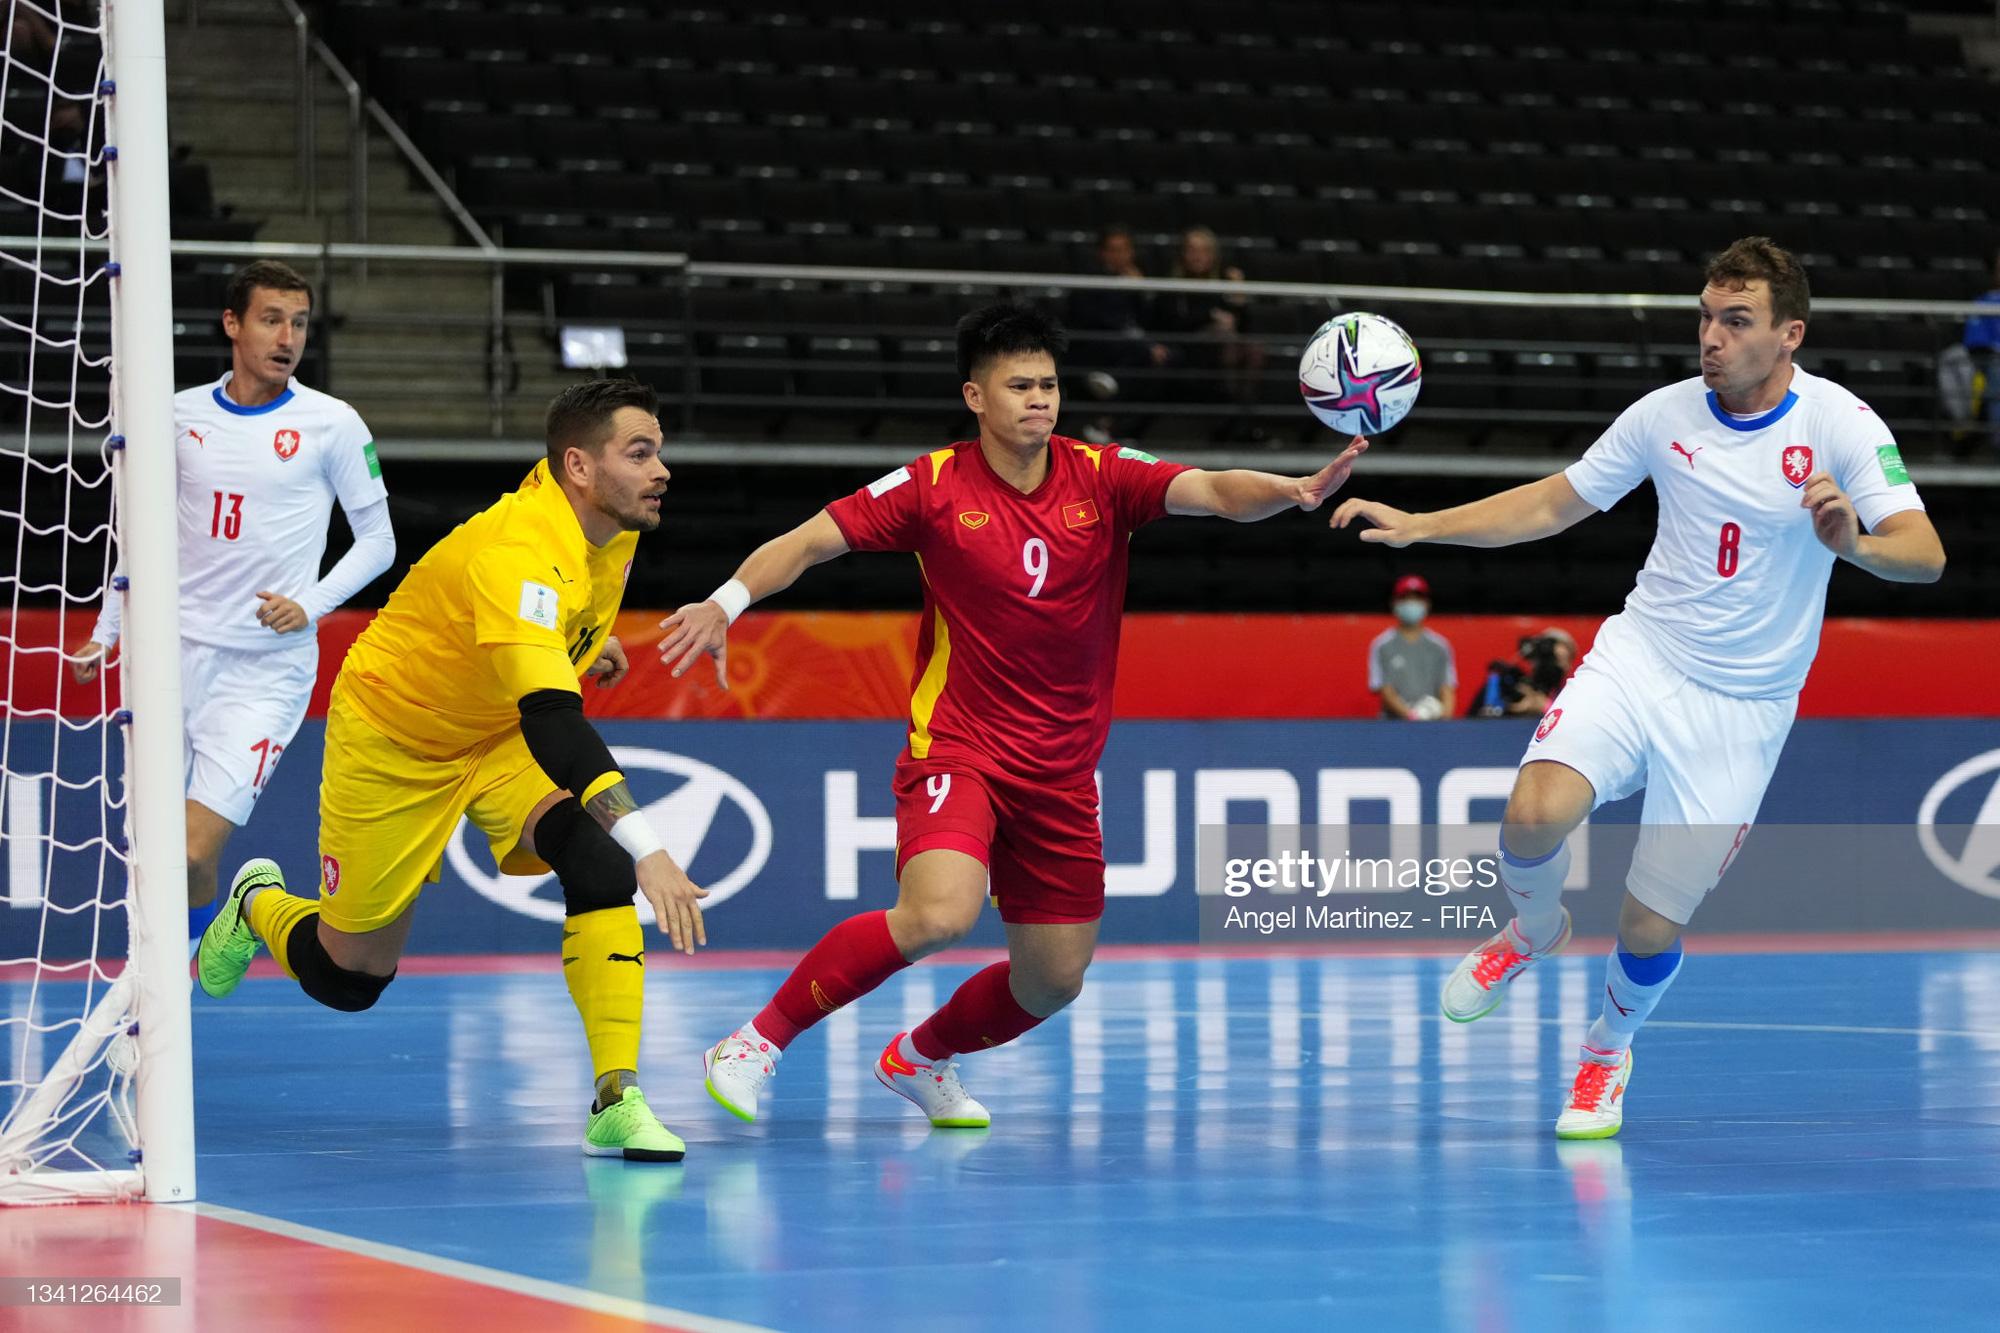 Vào đến vòng 16 đội World Cup 2021, các tuyển thủ futsal Việt Nam vẫn chỉ có lượt theo dõi khiêm tốn trên mạng xã hội - Ảnh 12.